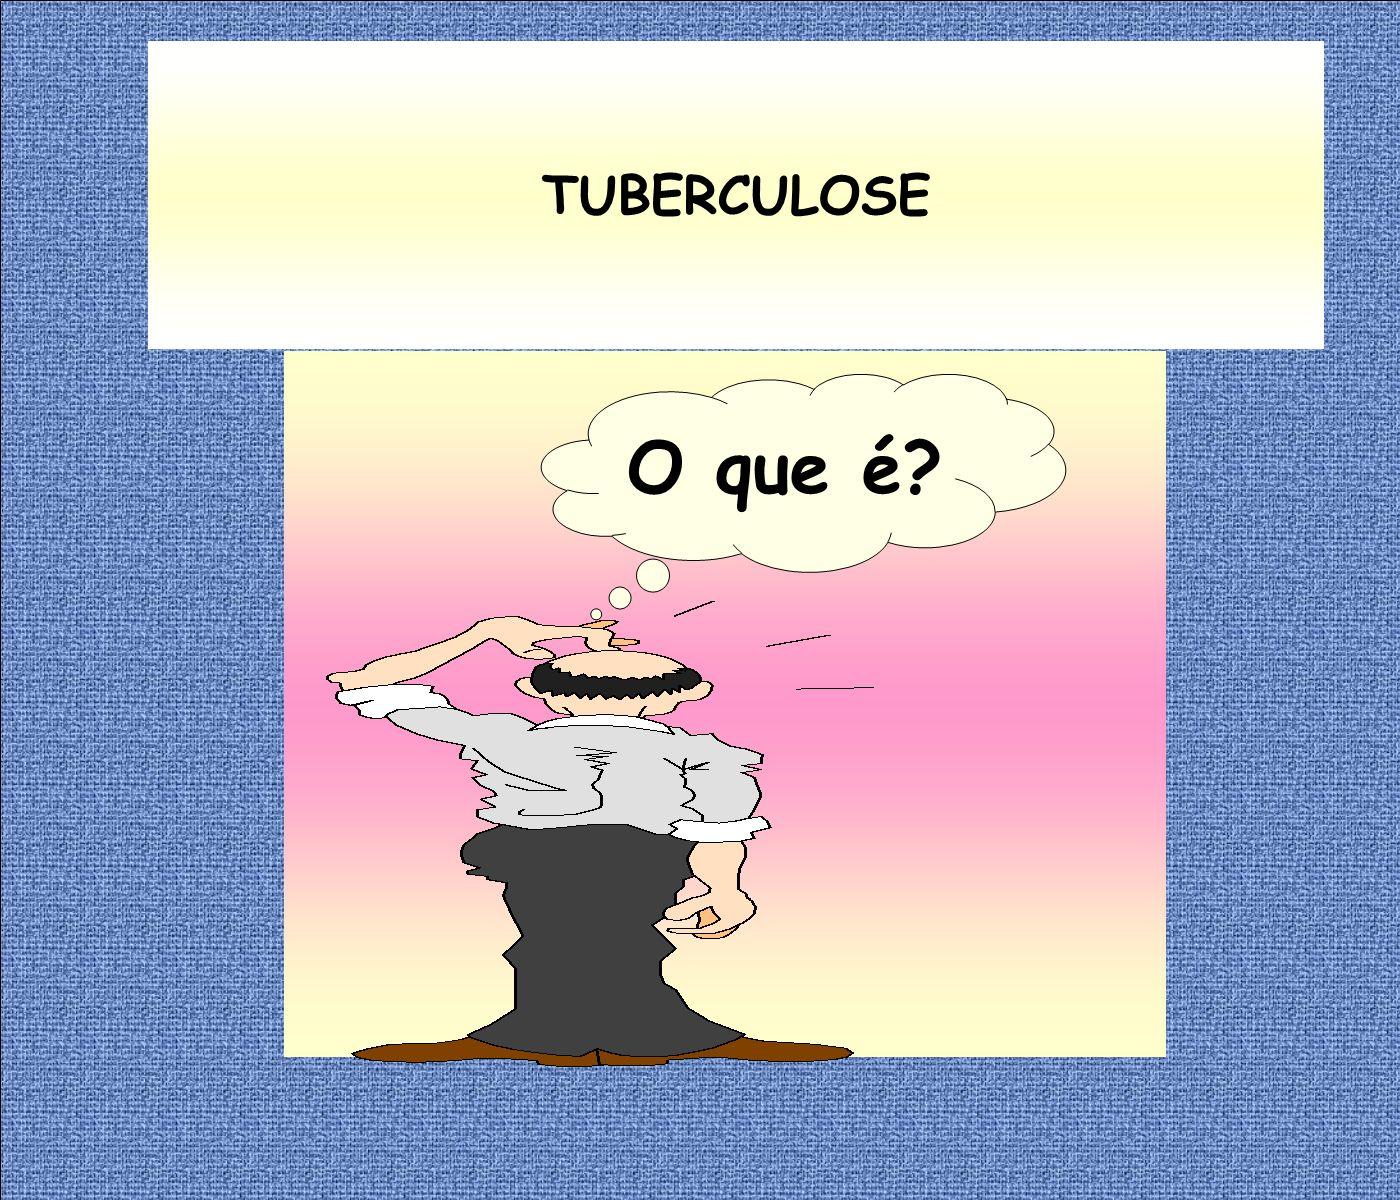 TUBERCULOSE O que é?